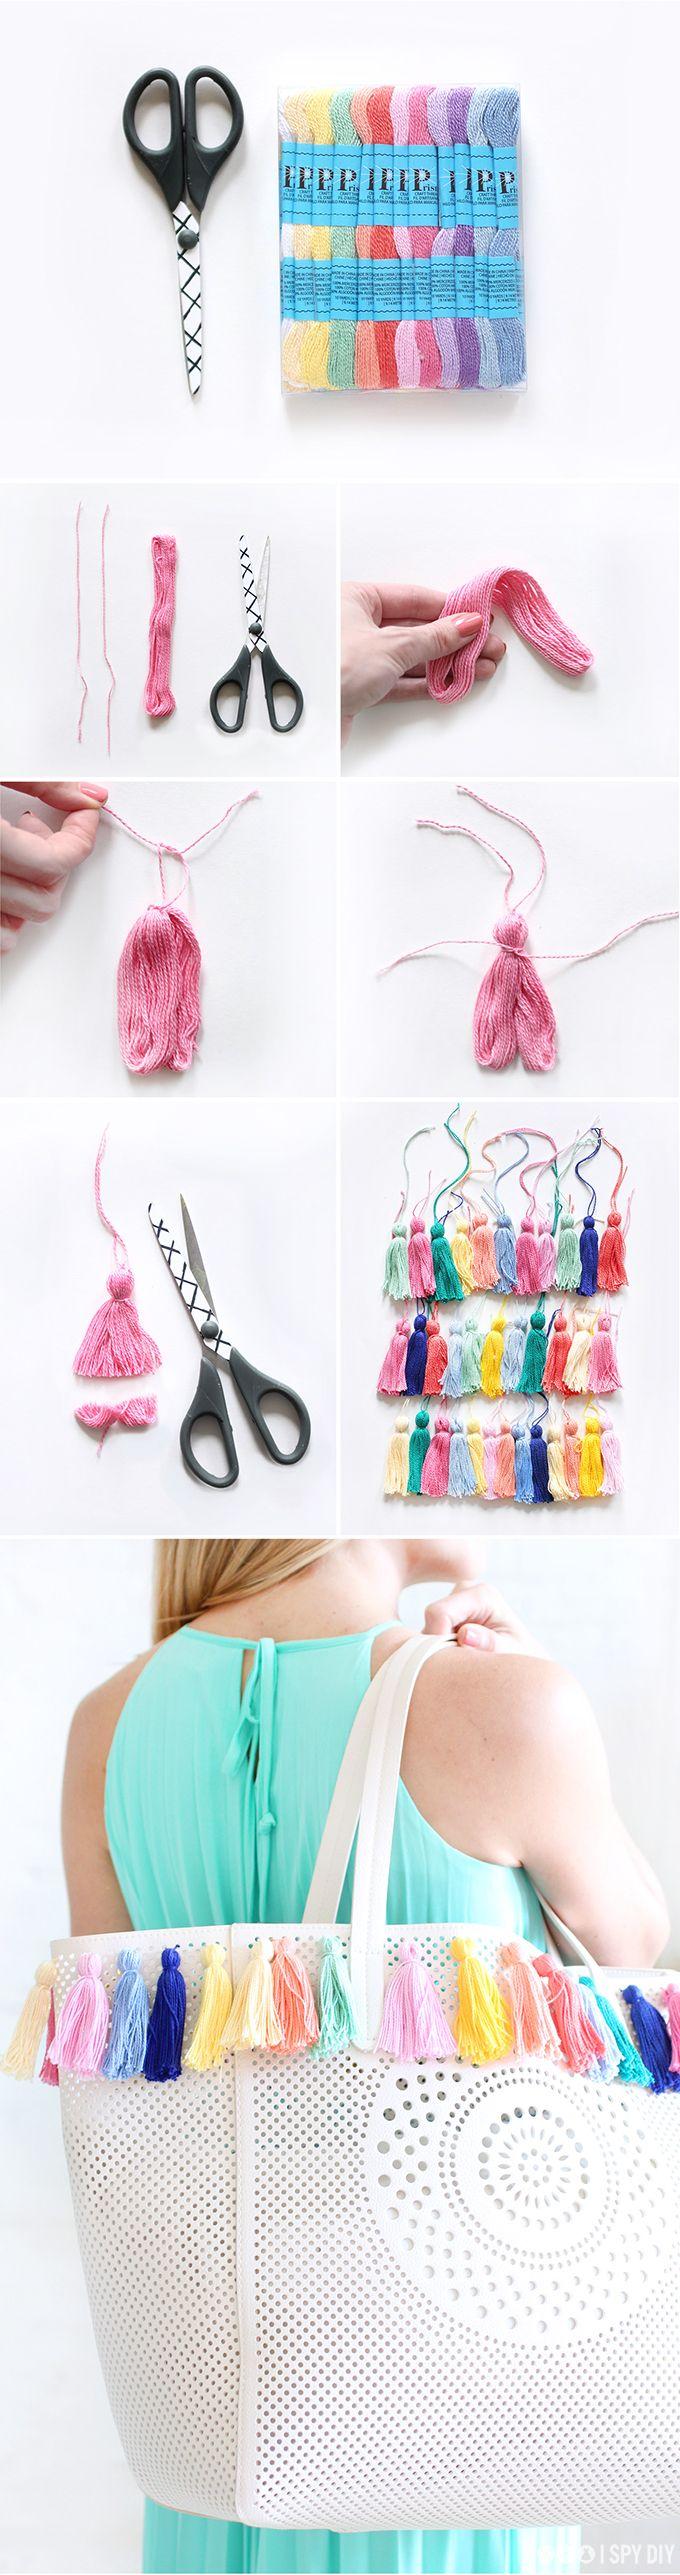 Pimp your Bag - DIY Upcycling eienr Tasche mit Tasseln